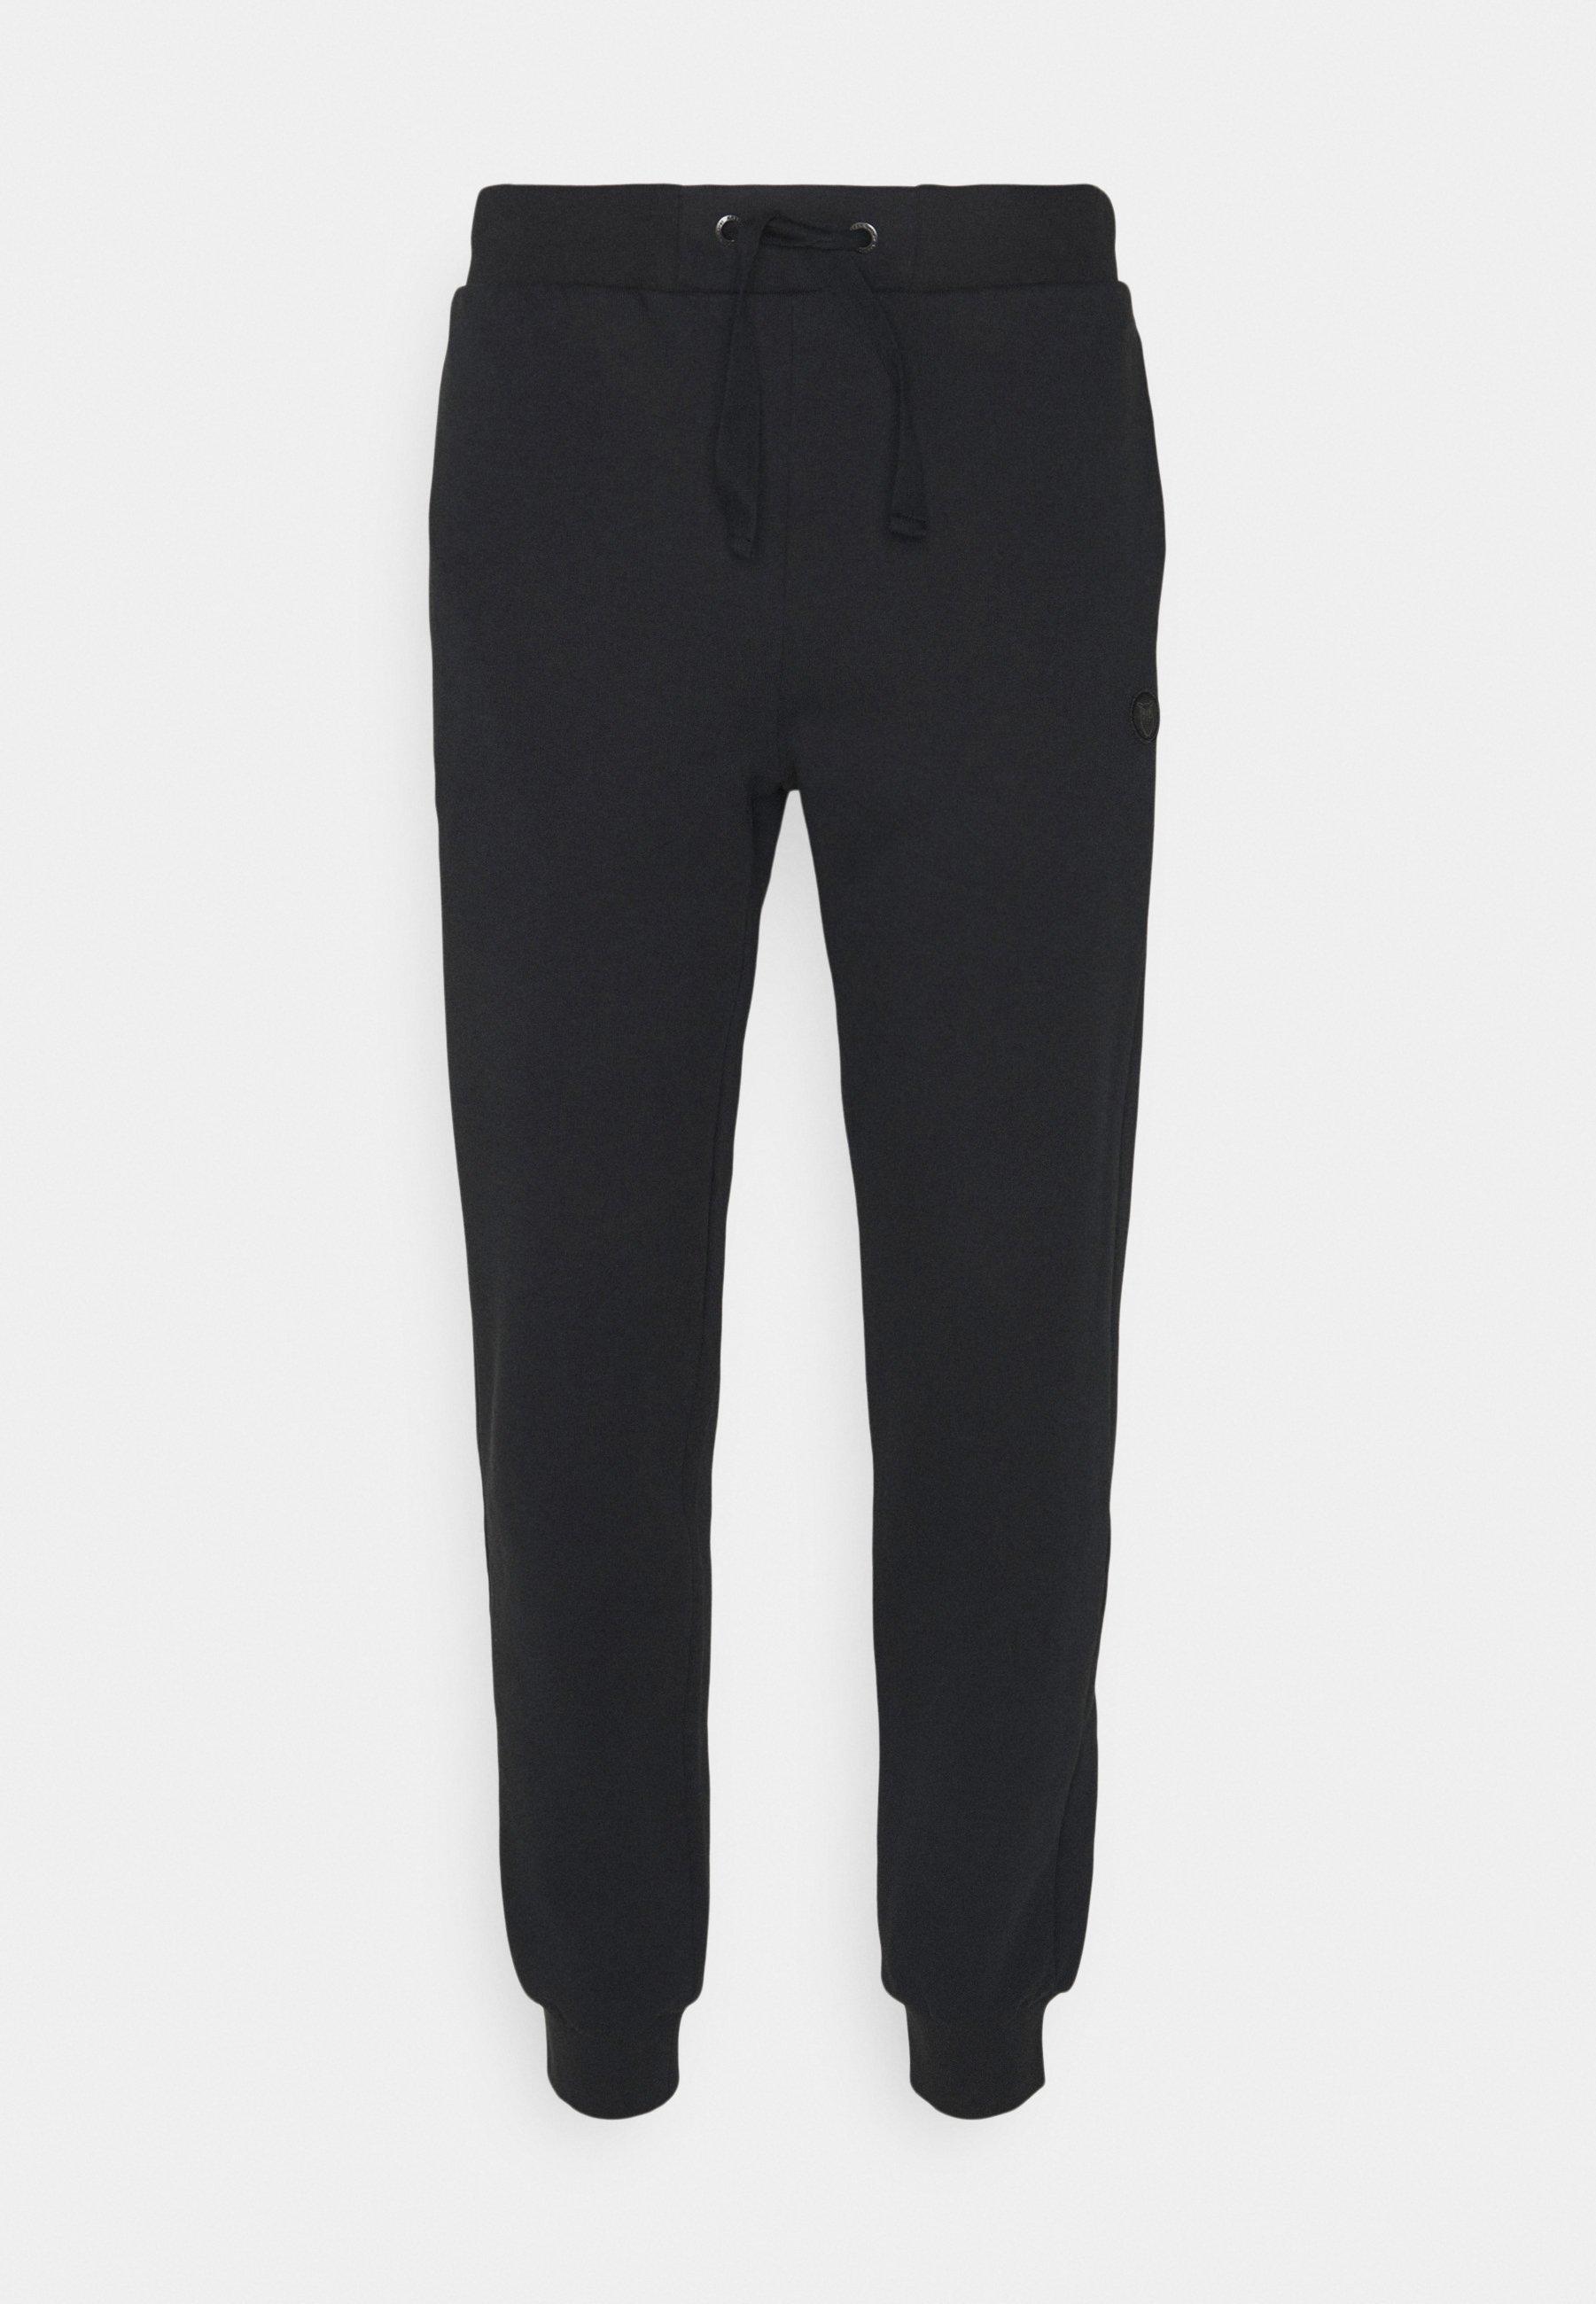 Homme TEAK PANTS  GOTS VEGAN - Pantalon de survêtement